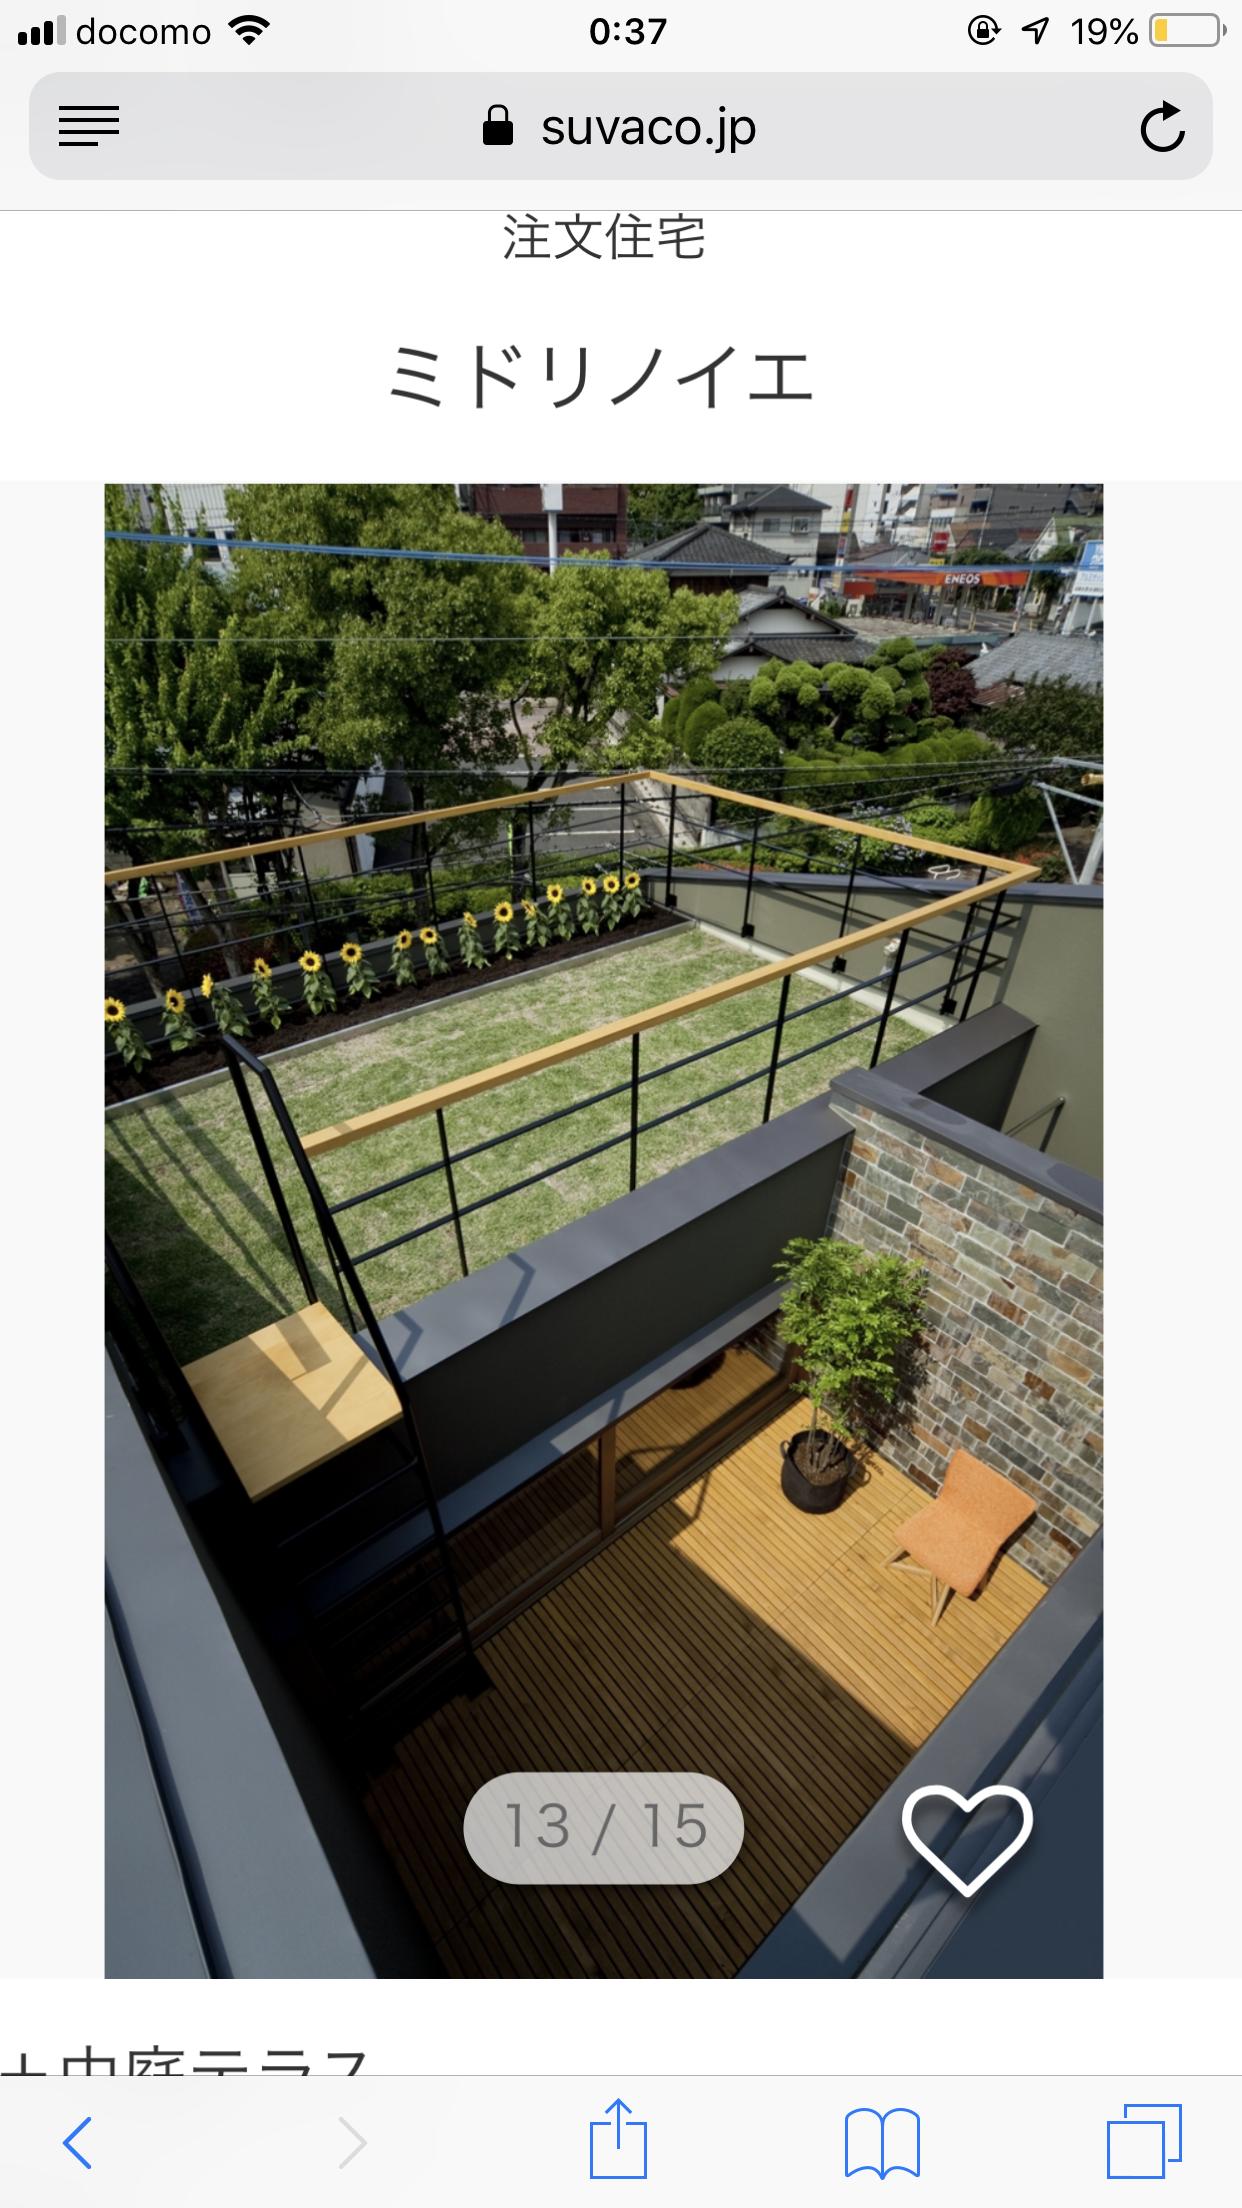 住宅密集地でも開放感と緑を感じる家の写真1